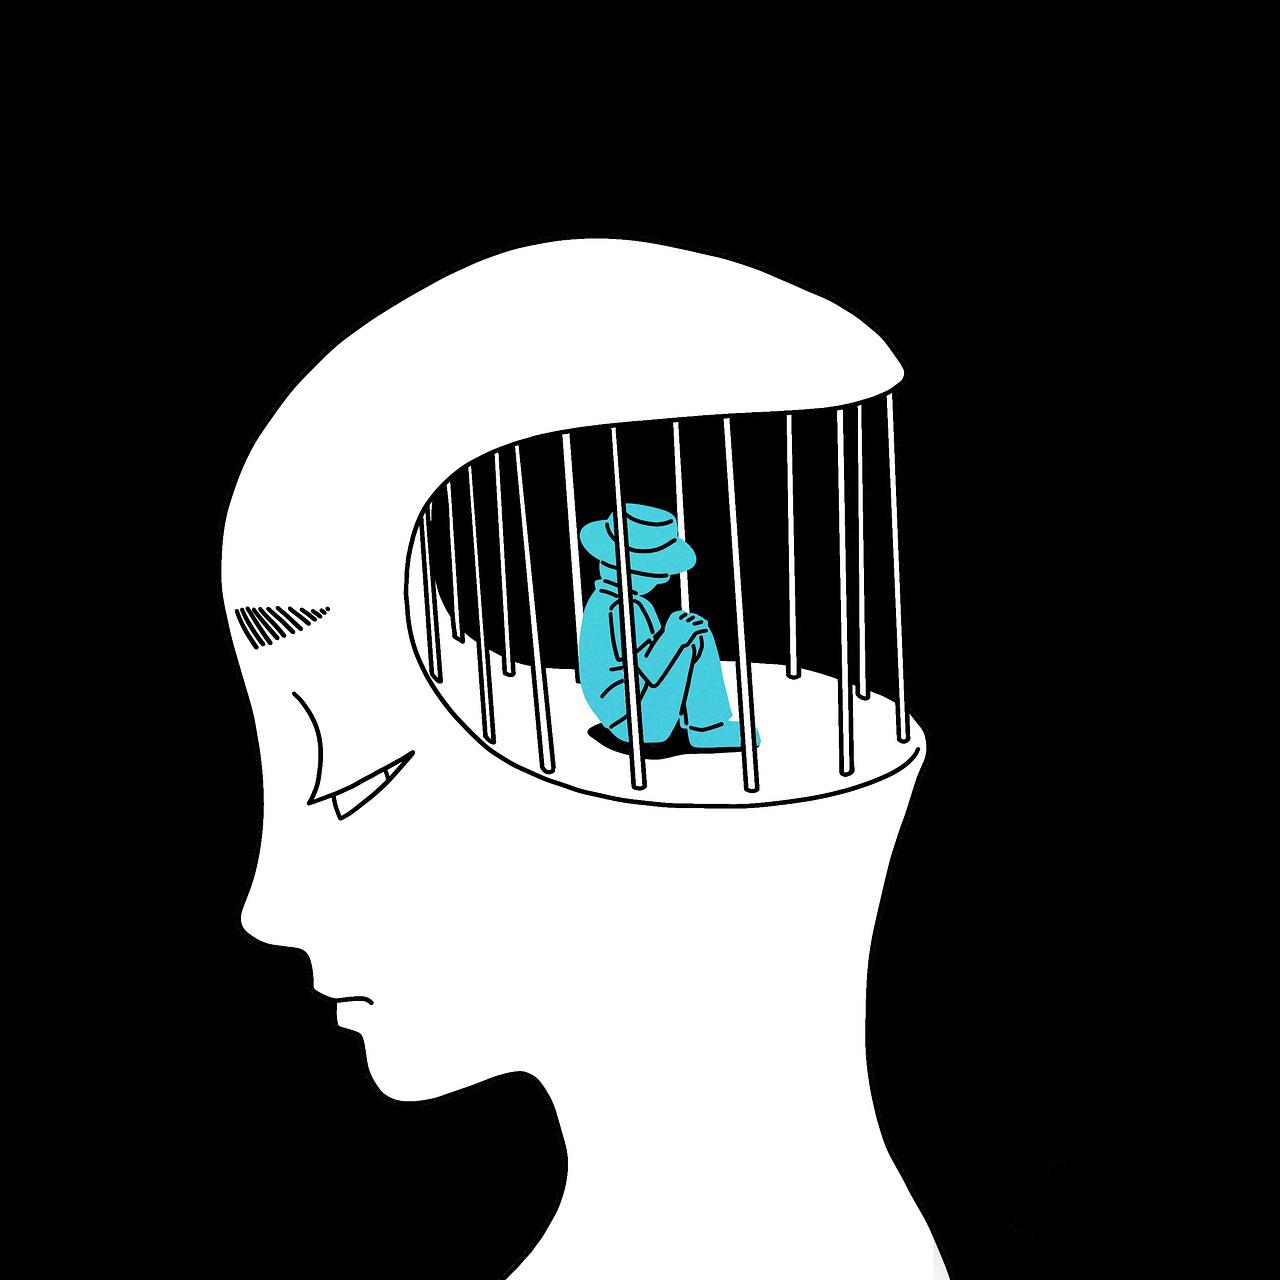 prisoner-6253261_1280.jpg